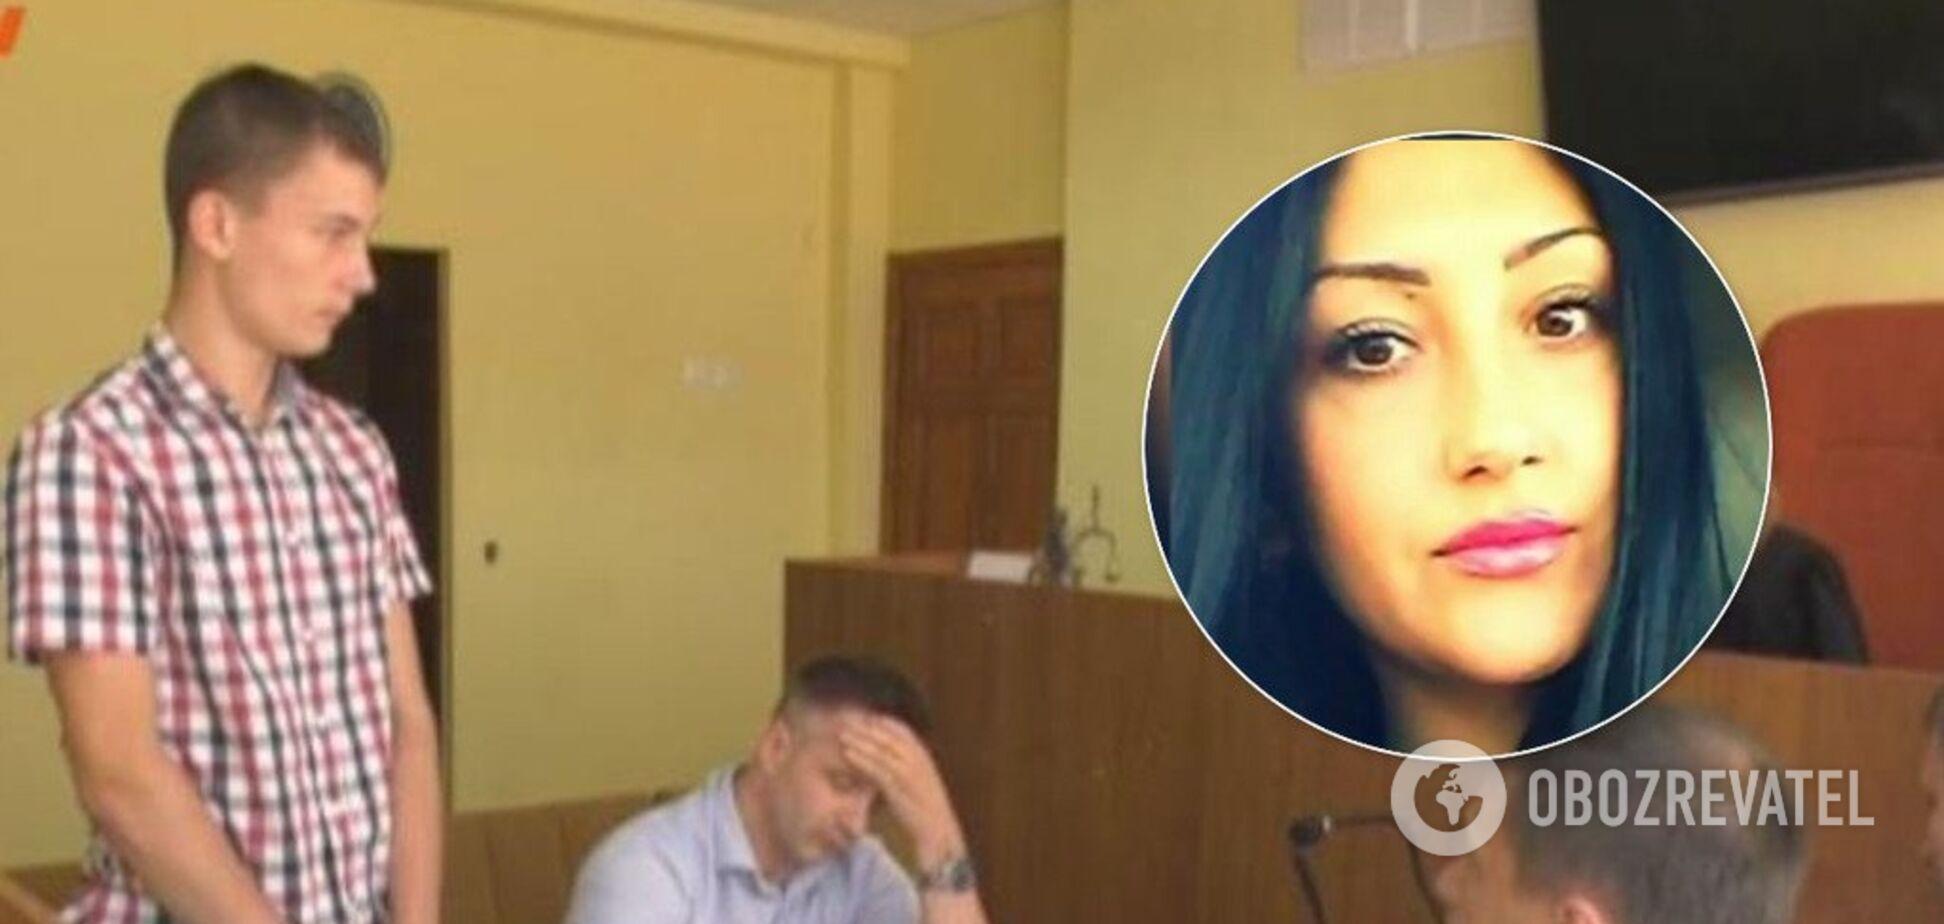 'Відкопав, тому що речі шкода': підозрюваний у вбивстві дівчини в Харкові шокував зізнанням